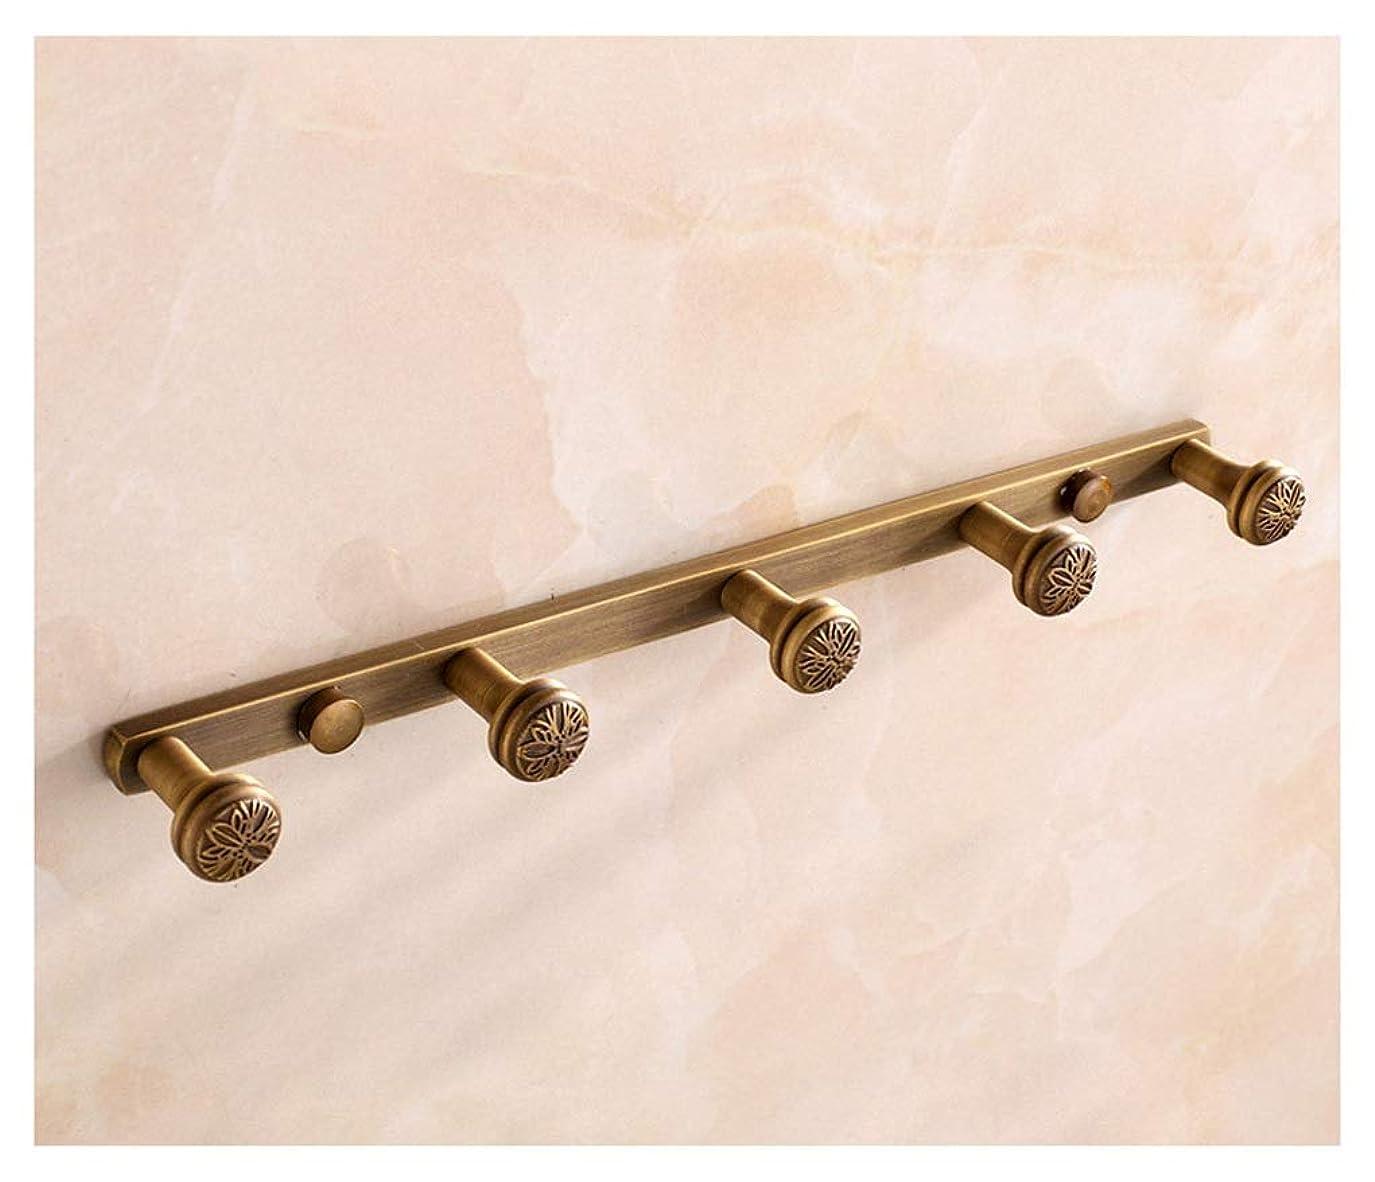 マージ霧好奇心盛GG_L ハンガーラック 服のフックの行フック - すべての銅ヨーロッパのソリッドコートフックアンティークのバスルームのリビングルームのベッドルームの洋服のフック